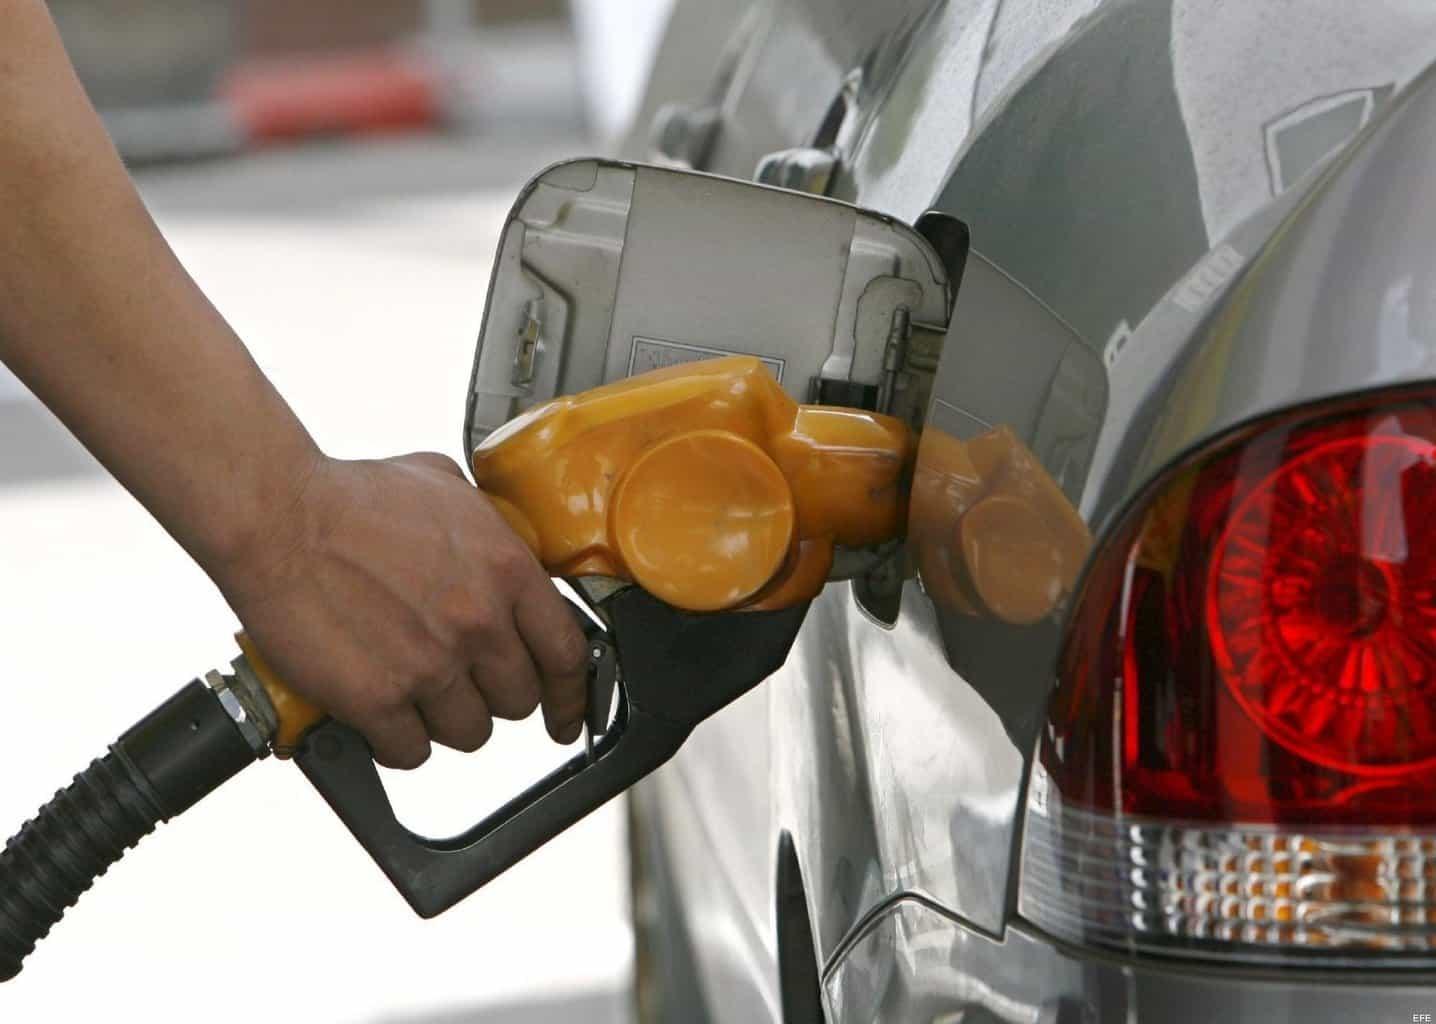 Cum să economisești benzină vara? Iată ce sunt sfătuiți să facă americanii!